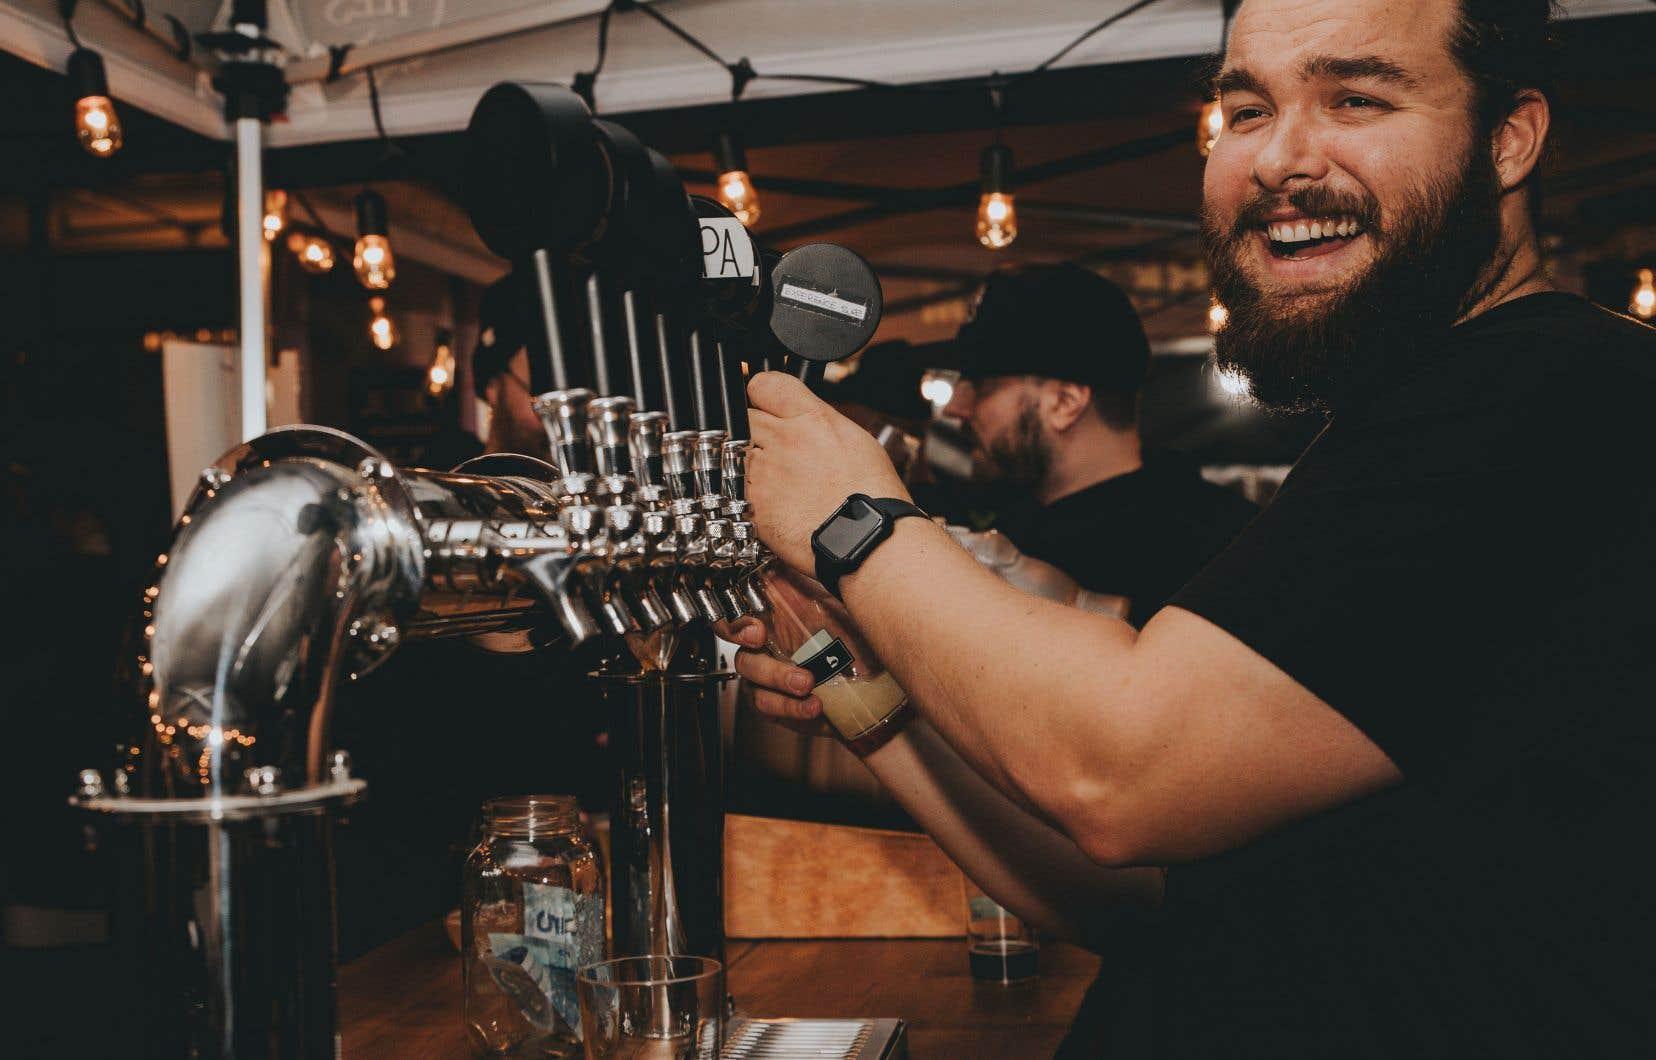 Organisé par l'équipe derrière le festival brassicole La Cuvée d'hiver, l'événement proposera 25 produits locaux, gins et bières affinées en fûts.